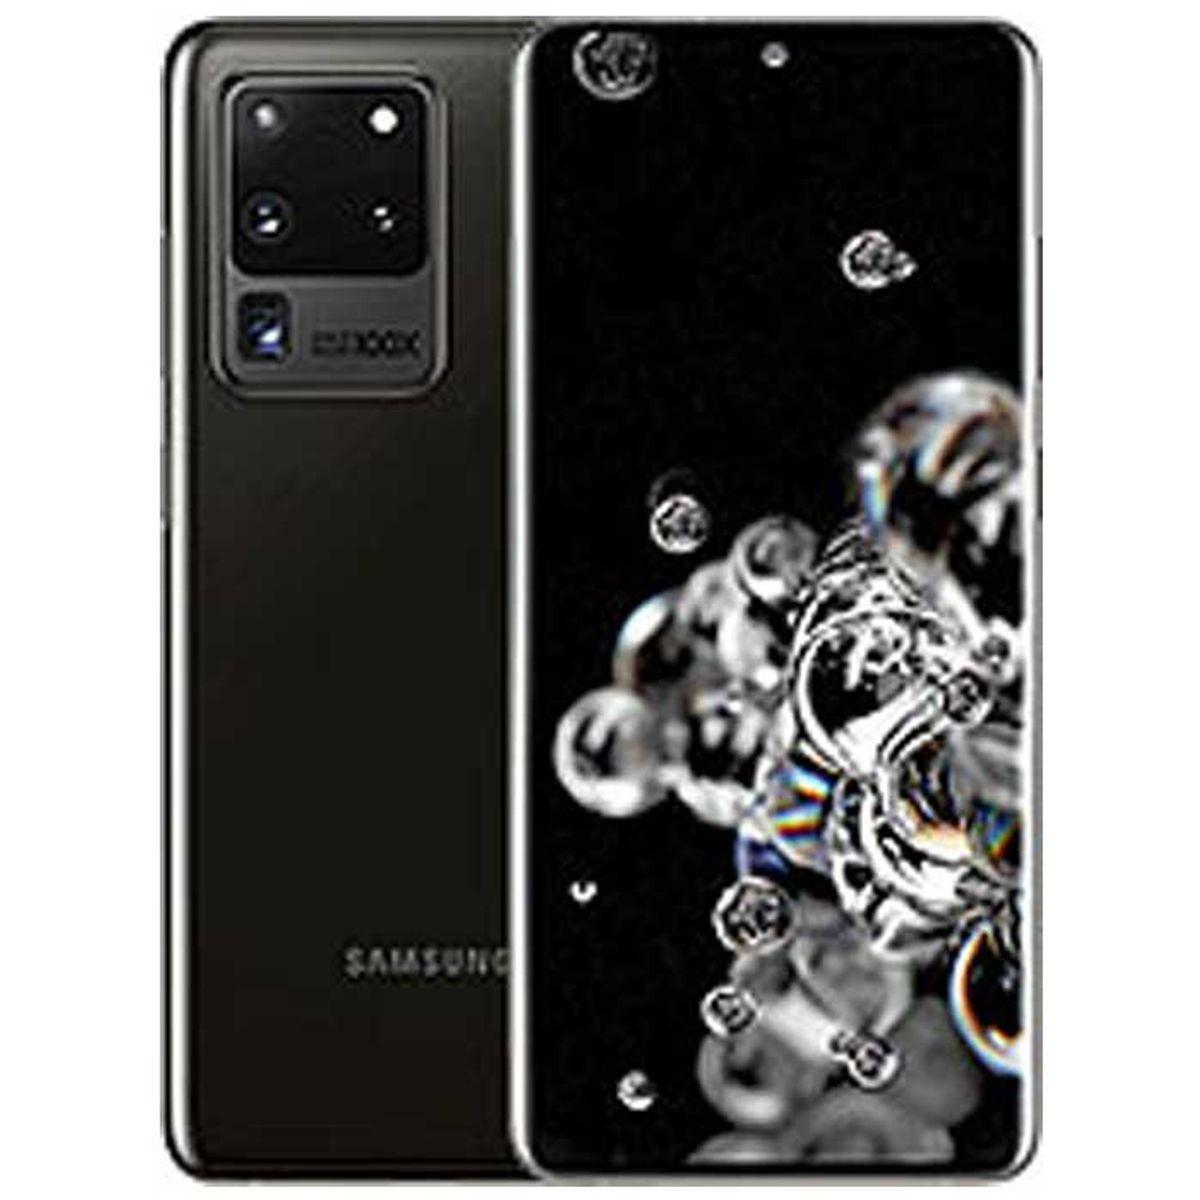 സാംസങ് ഗാലക്സി S20 Ultra 5G